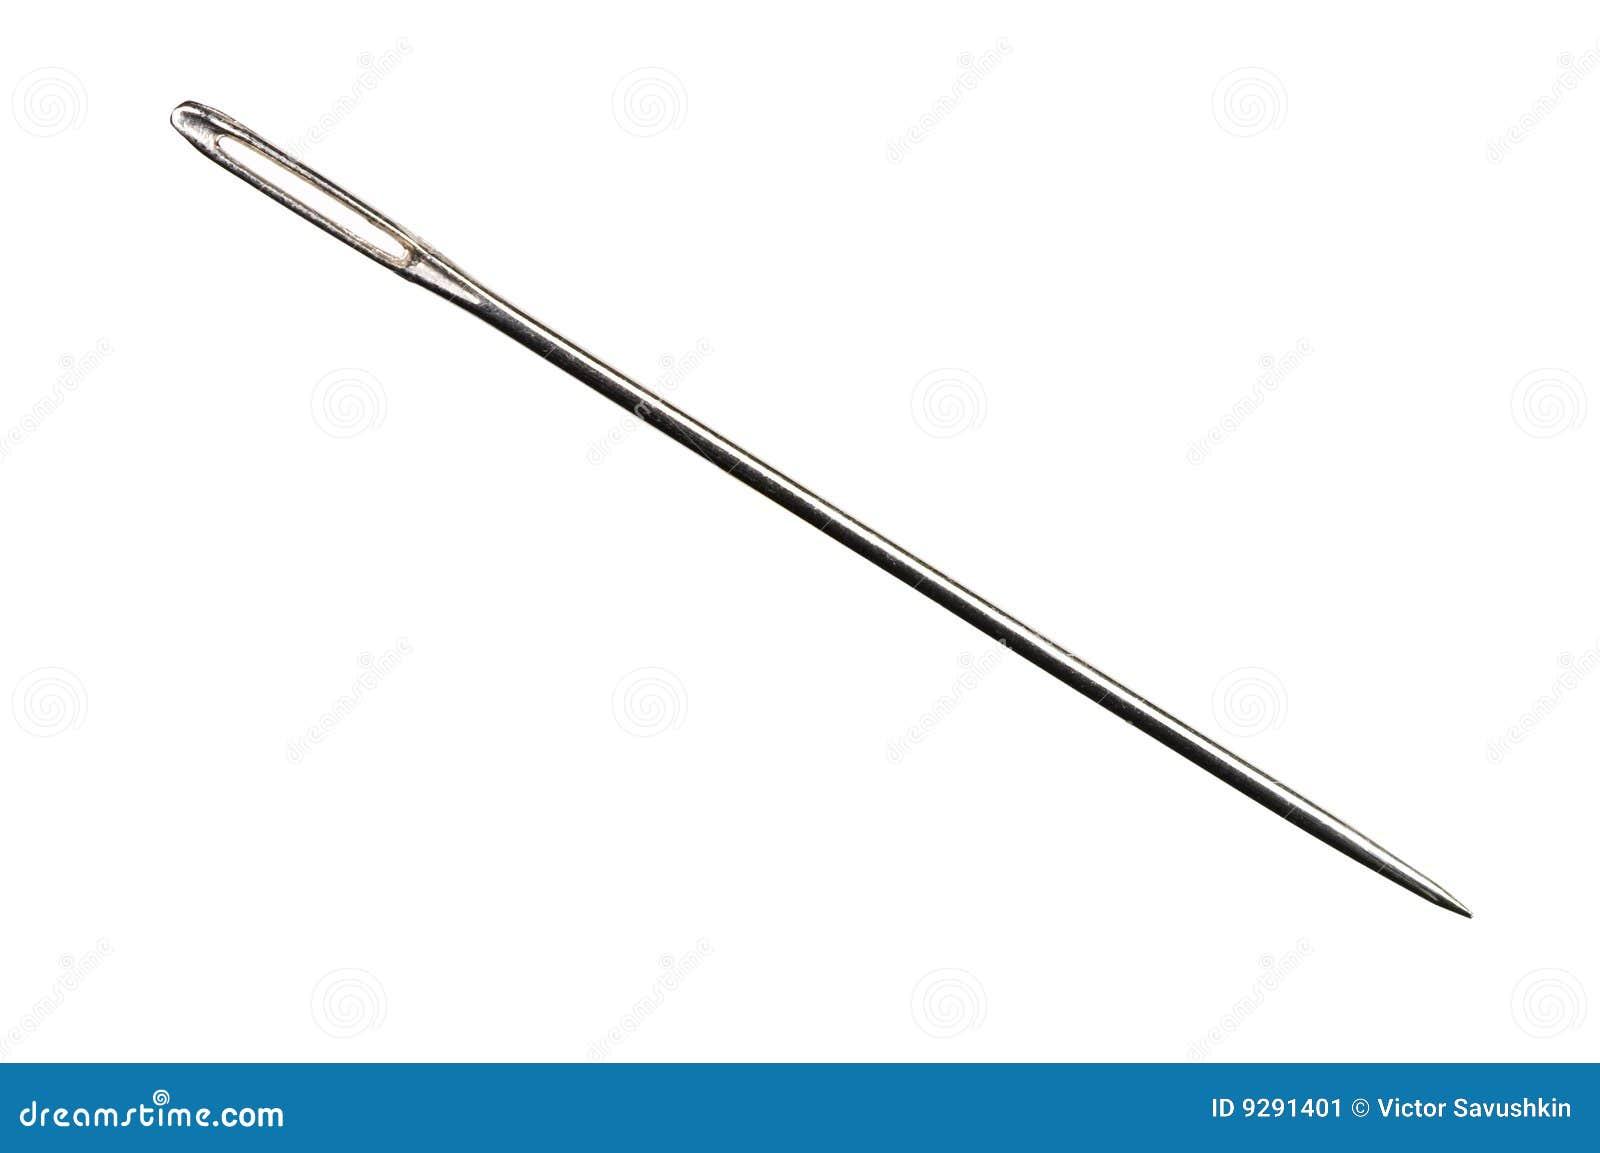 Sewing needle isolated on white background